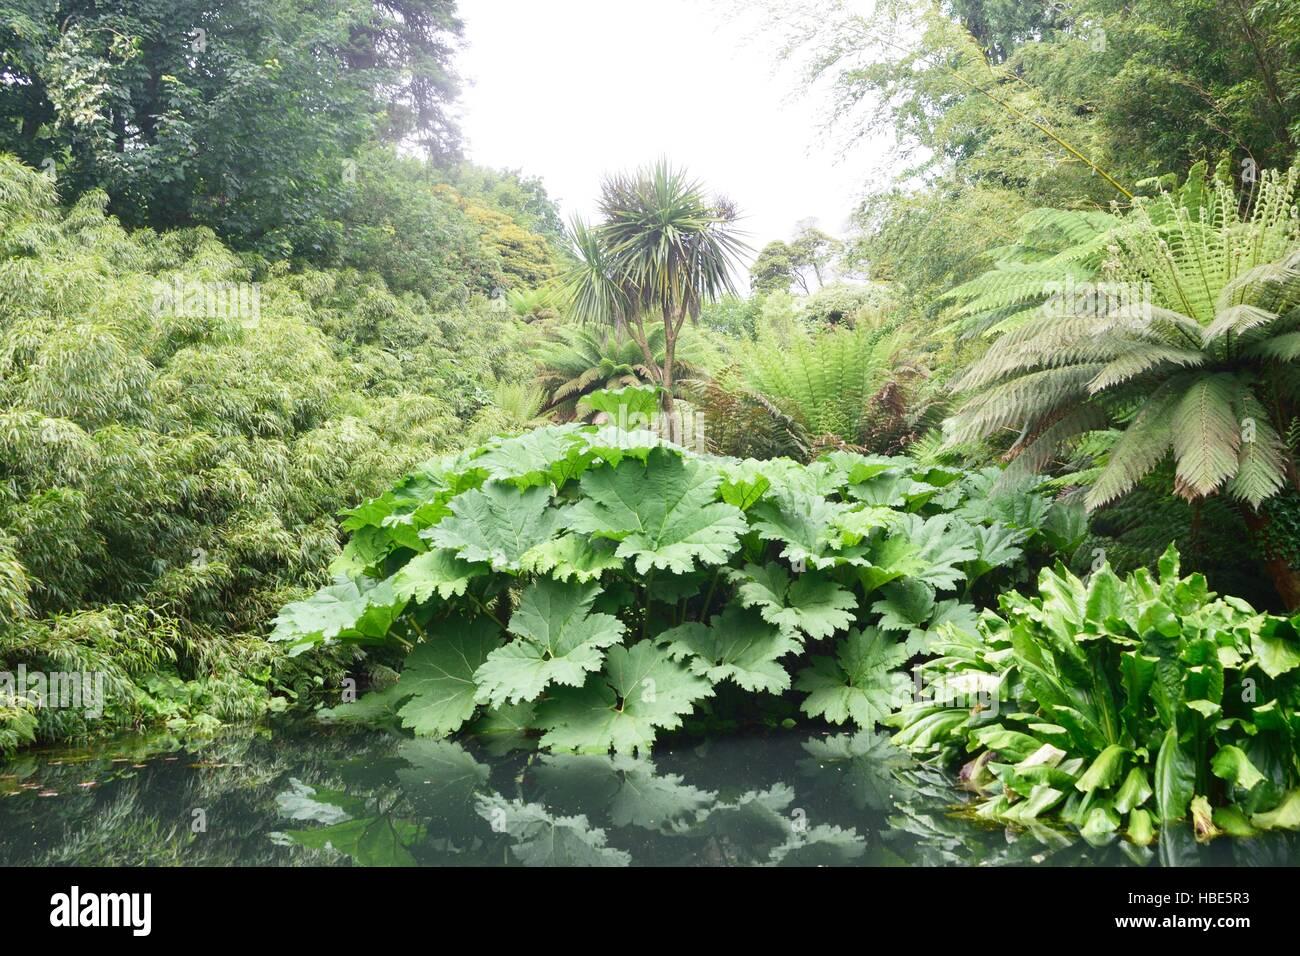 La exuberante vegetación de la jungla como plantas con estanque Imagen De Stock